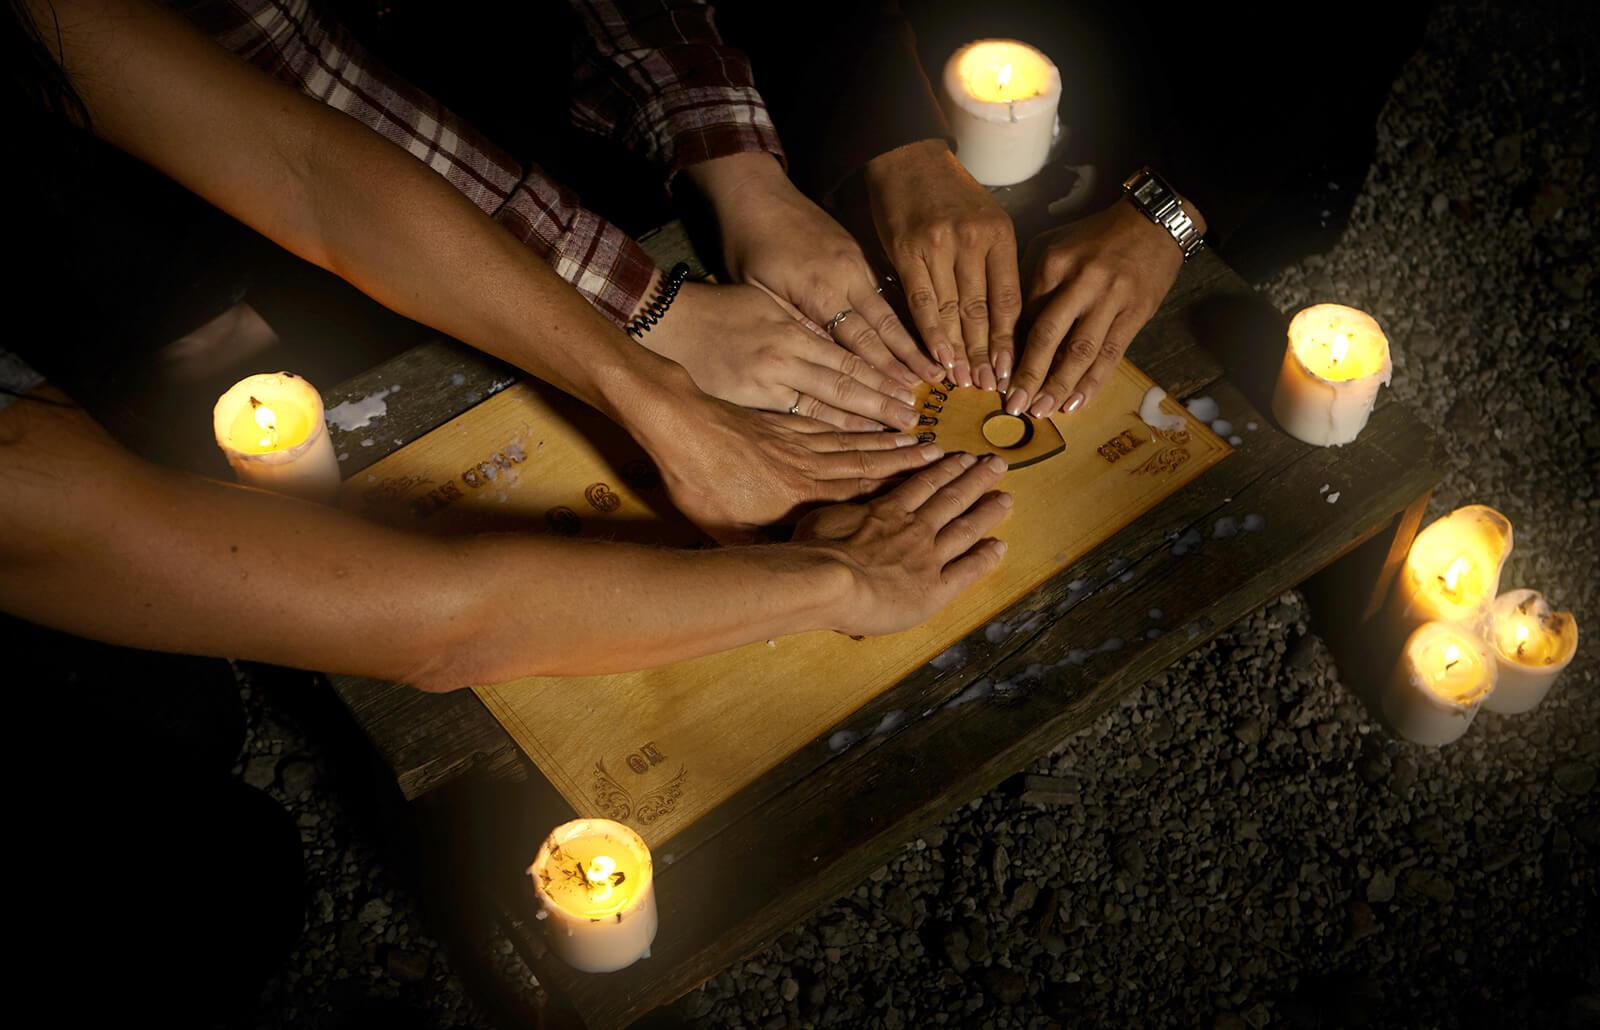 243717-1600x1030-how-use-ouija-board